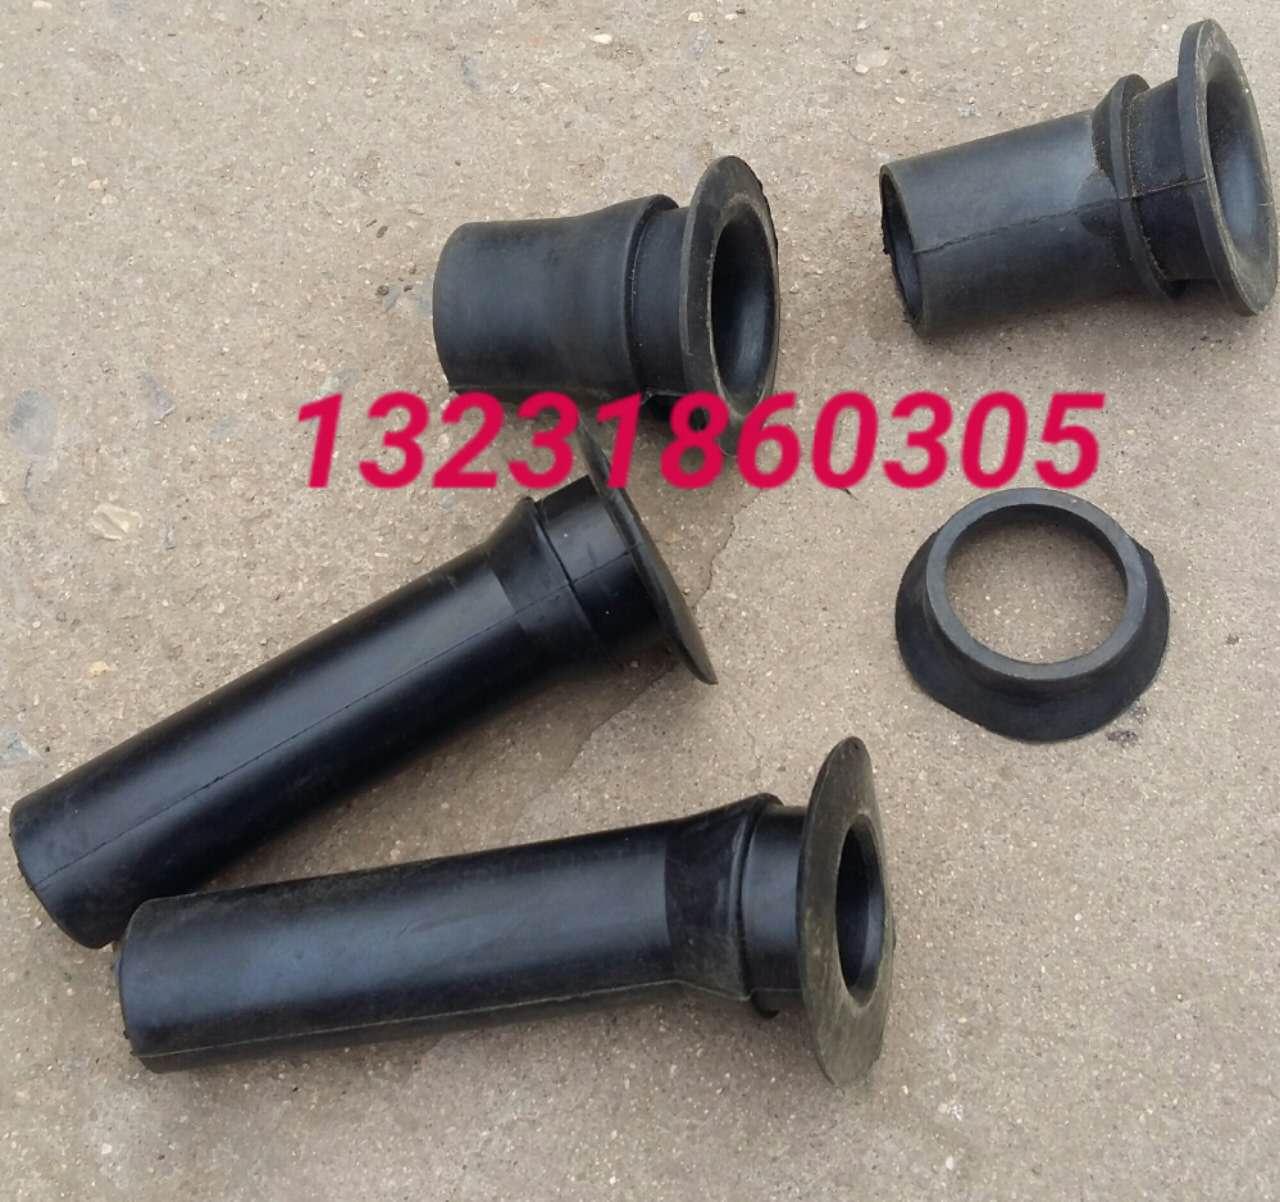 牡丹江绥芬河橡胶尼龙件专业生产商络筒座车13231860305